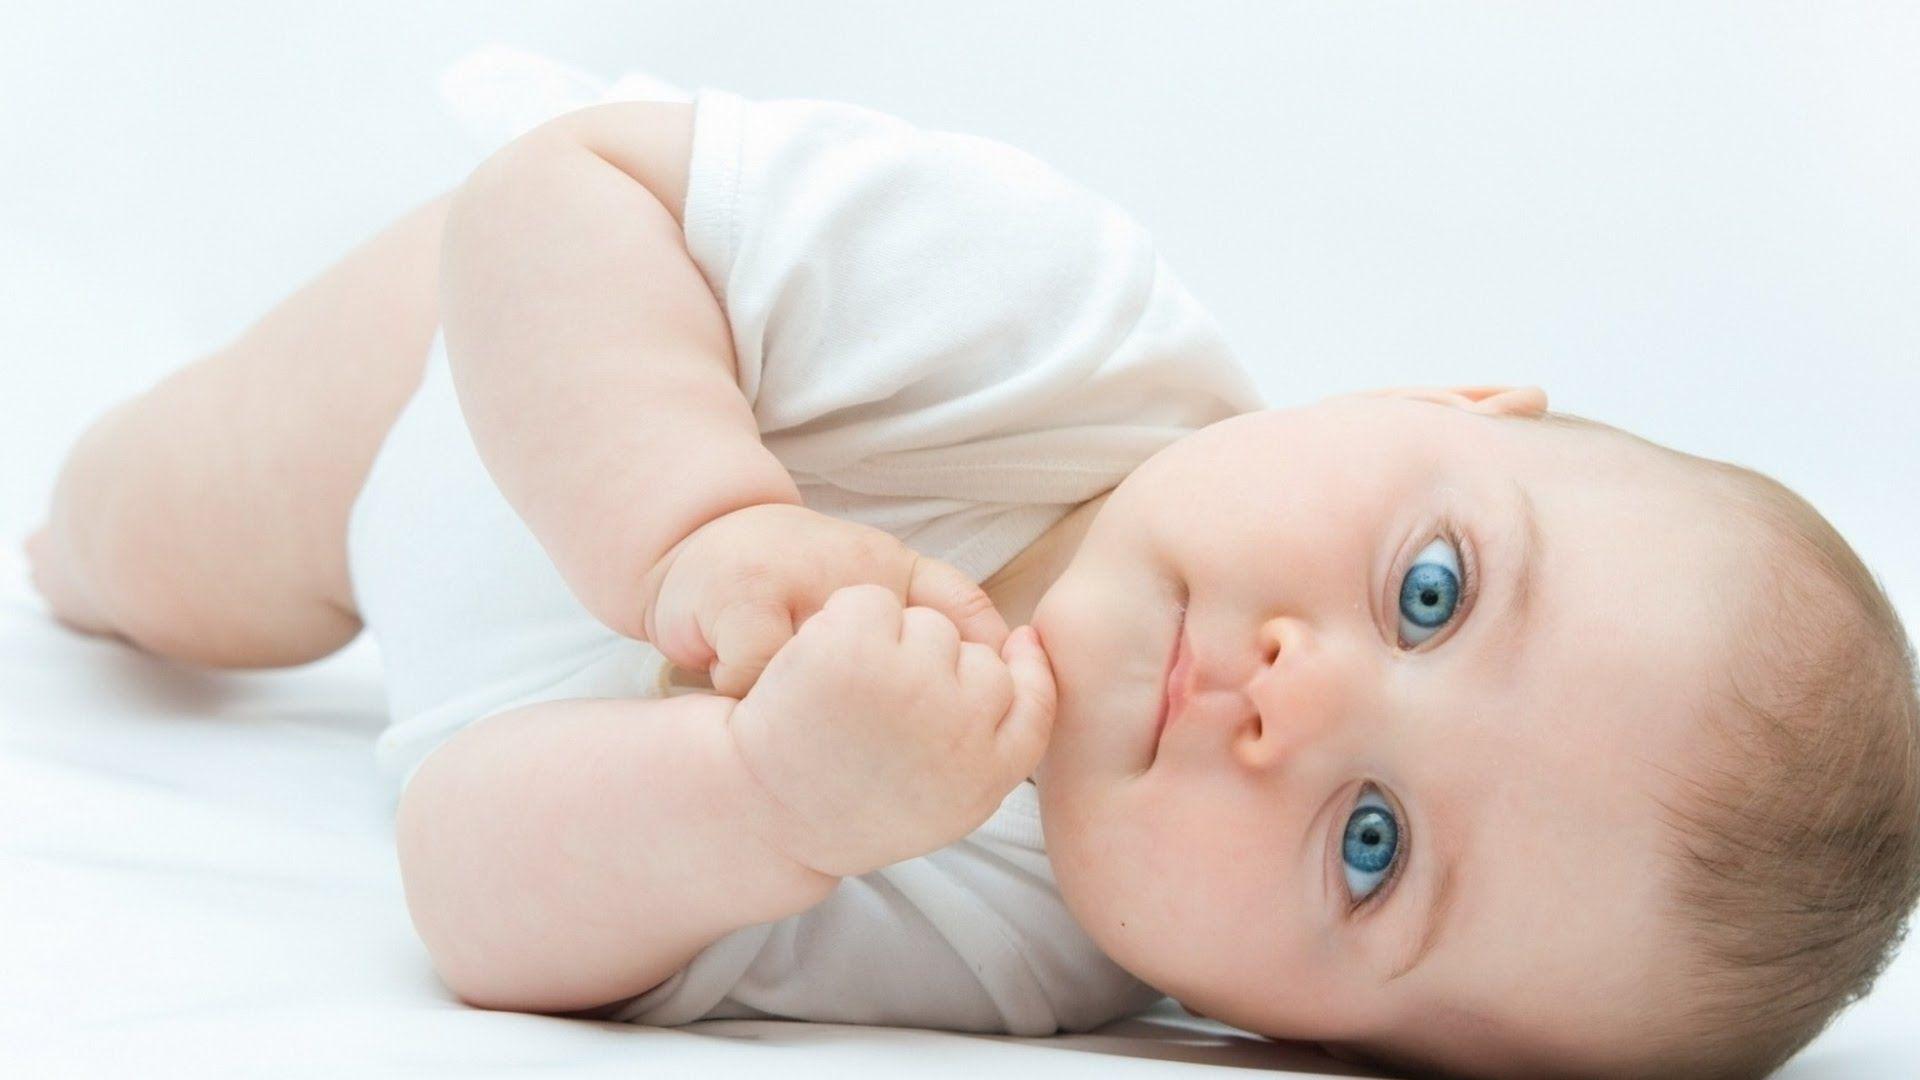 Cute Baby With Blue Eyes Bayi Gadis Kecil Obat Alami